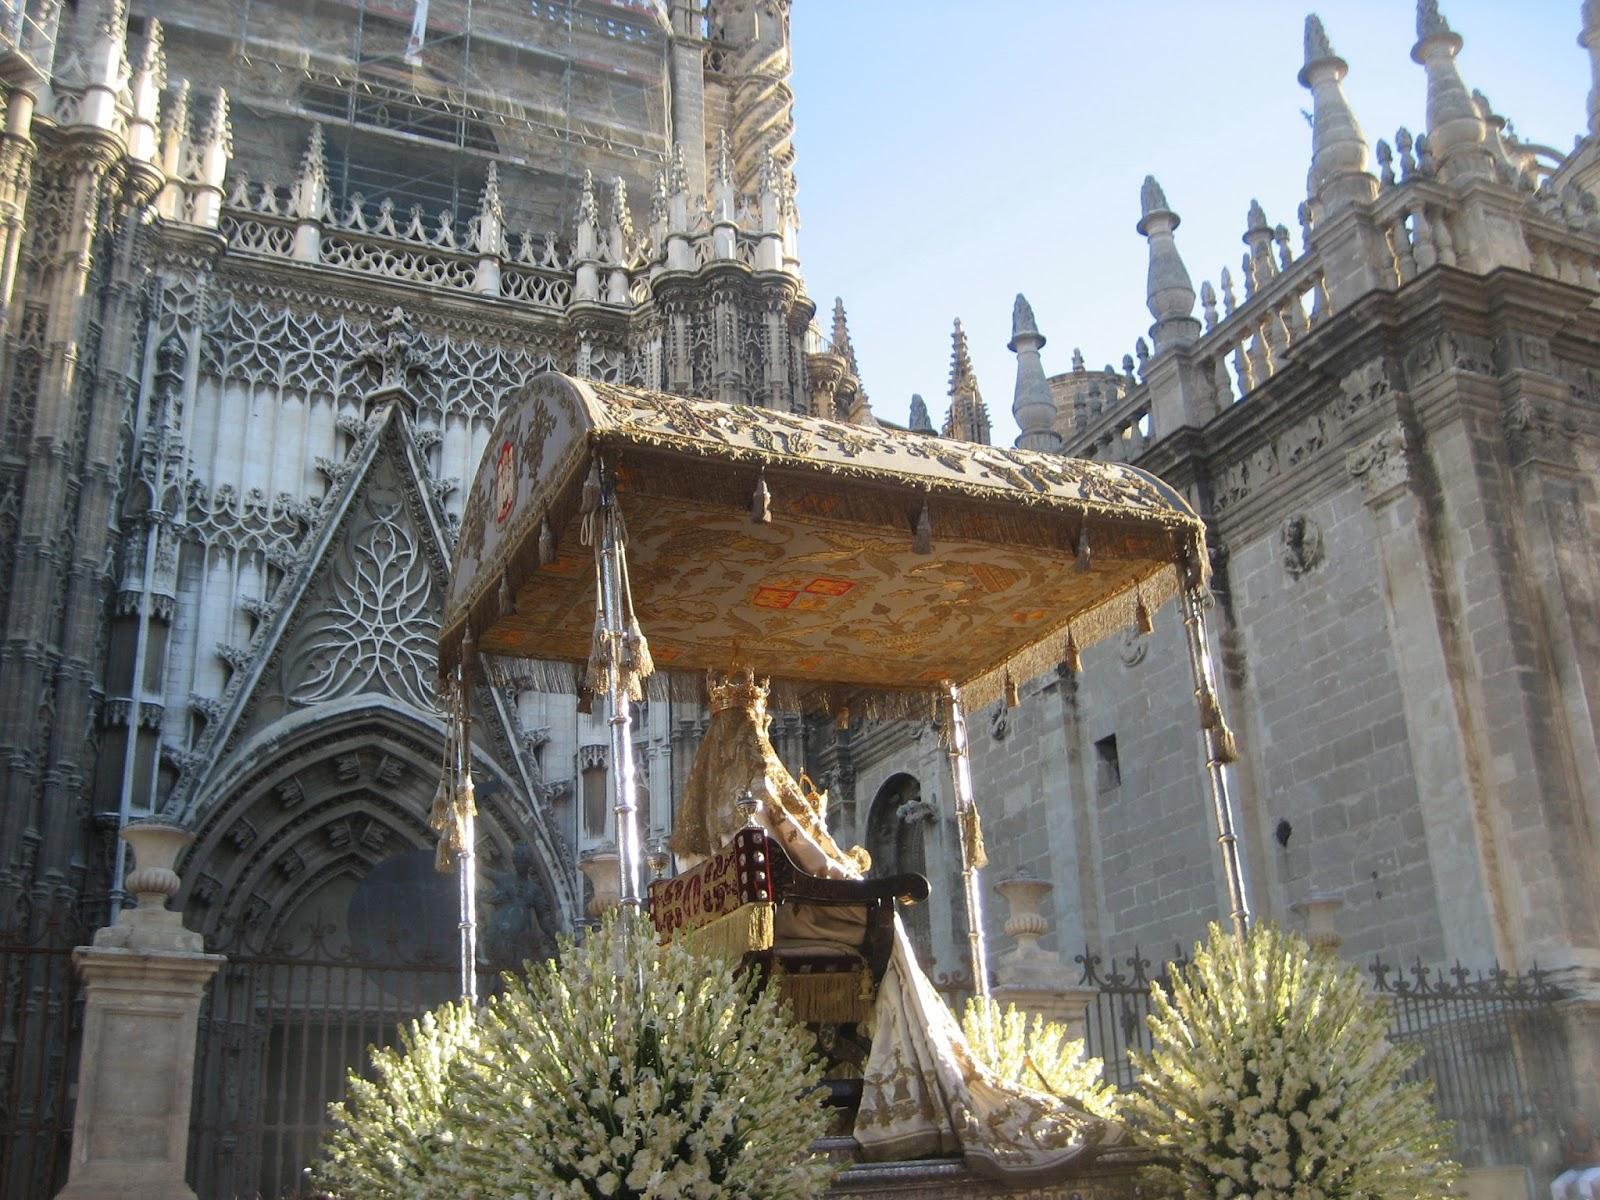 Procesi n de la virgen de los reyes en sevilla 2015 for Mudanzas virgen de los reyes